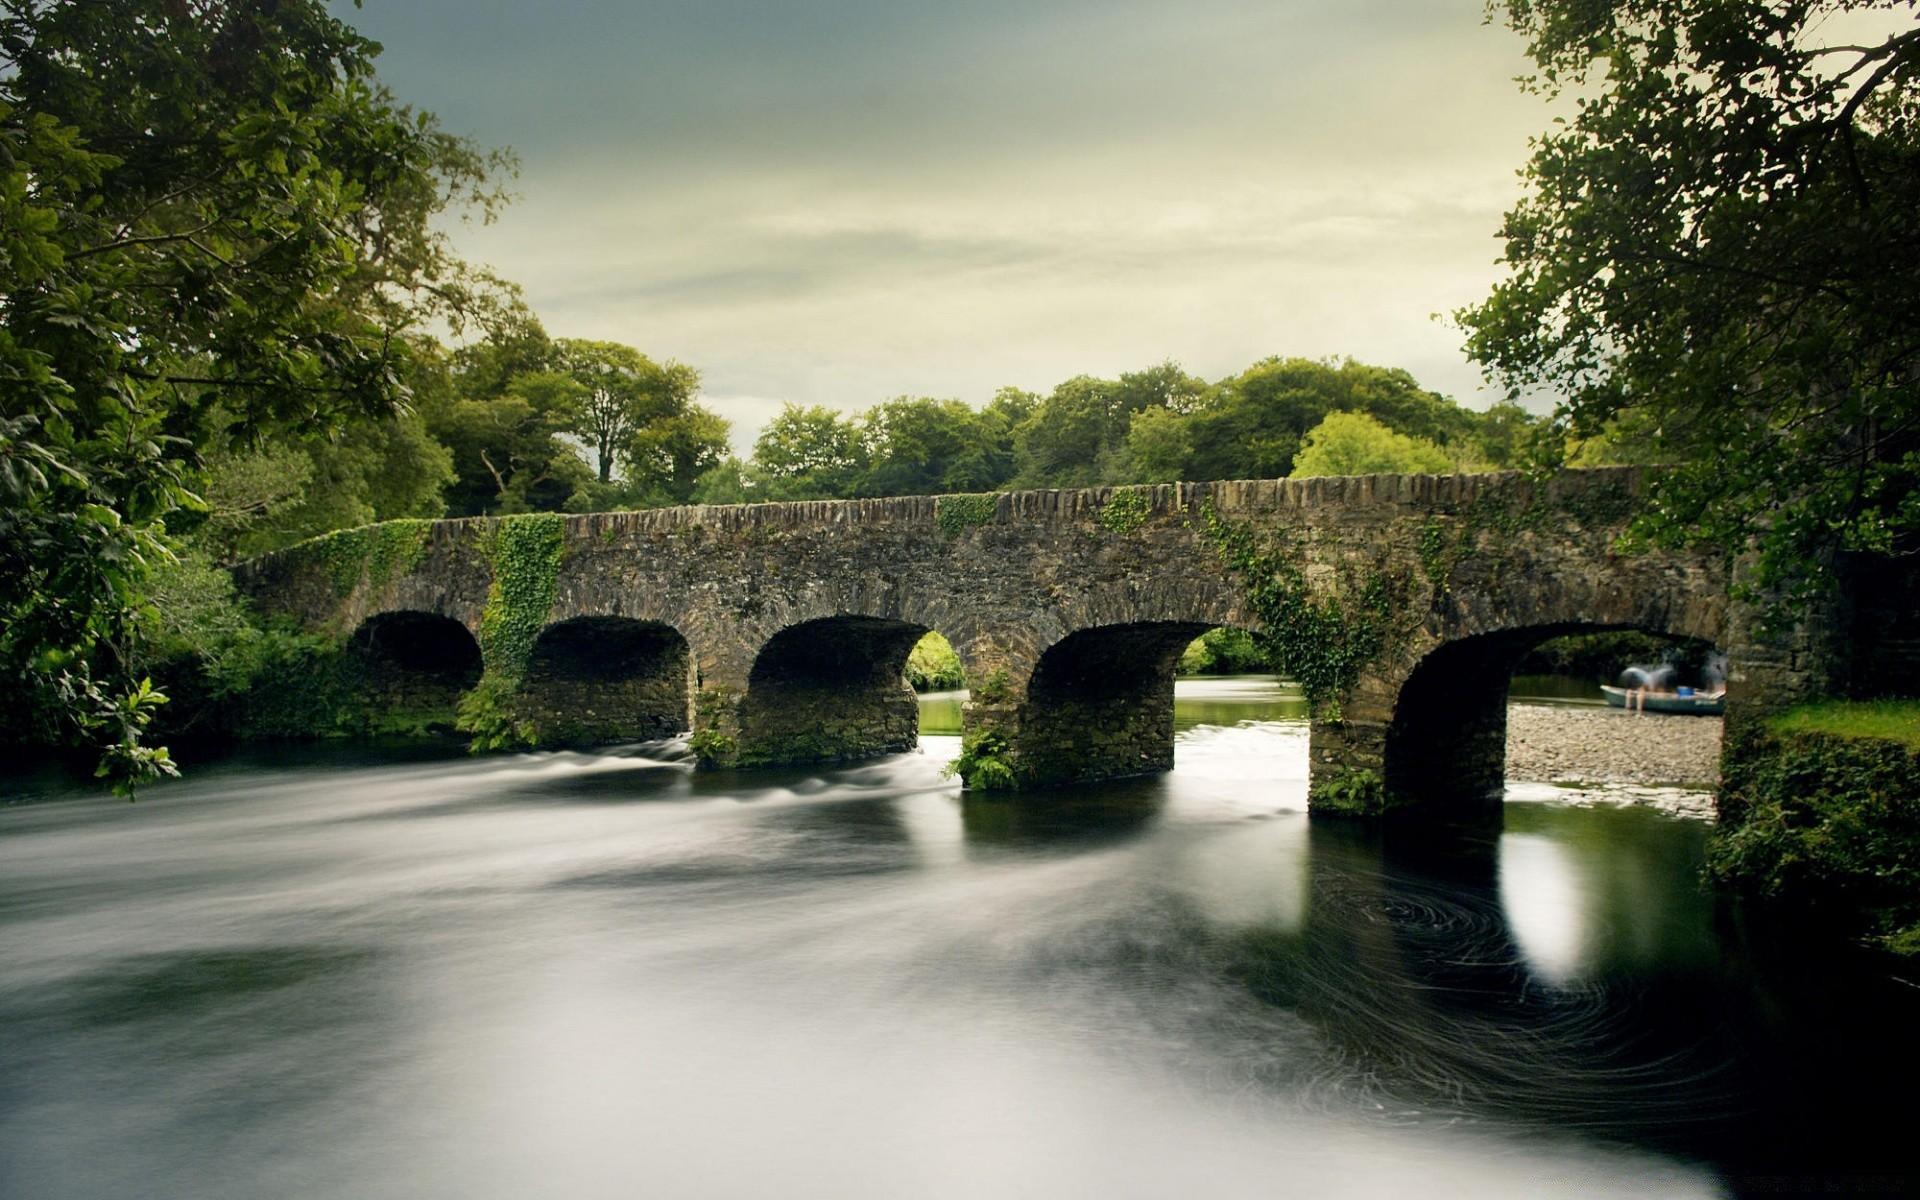 архитектура мост природа деревья скачать